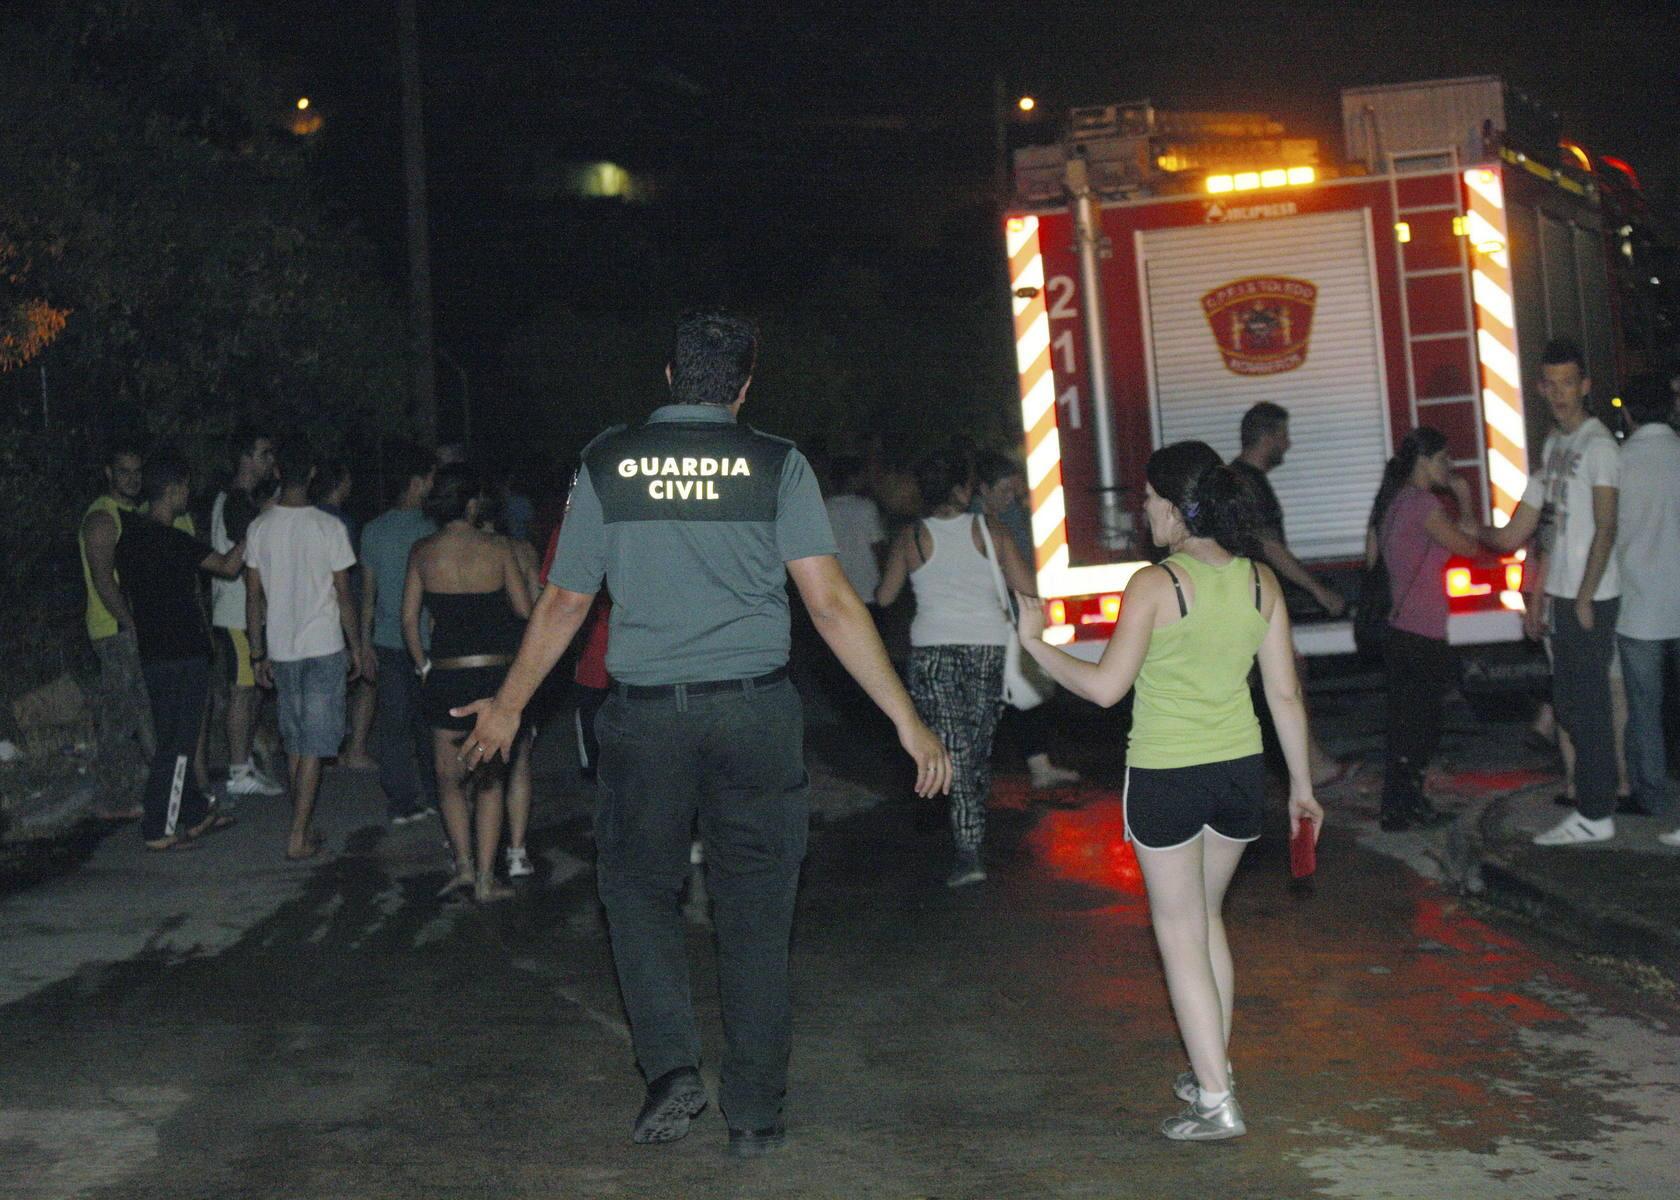 Incendio forestal declarado hoy en el municipio de Almorox (Toledo), que linda con la Comunidad de Madrid